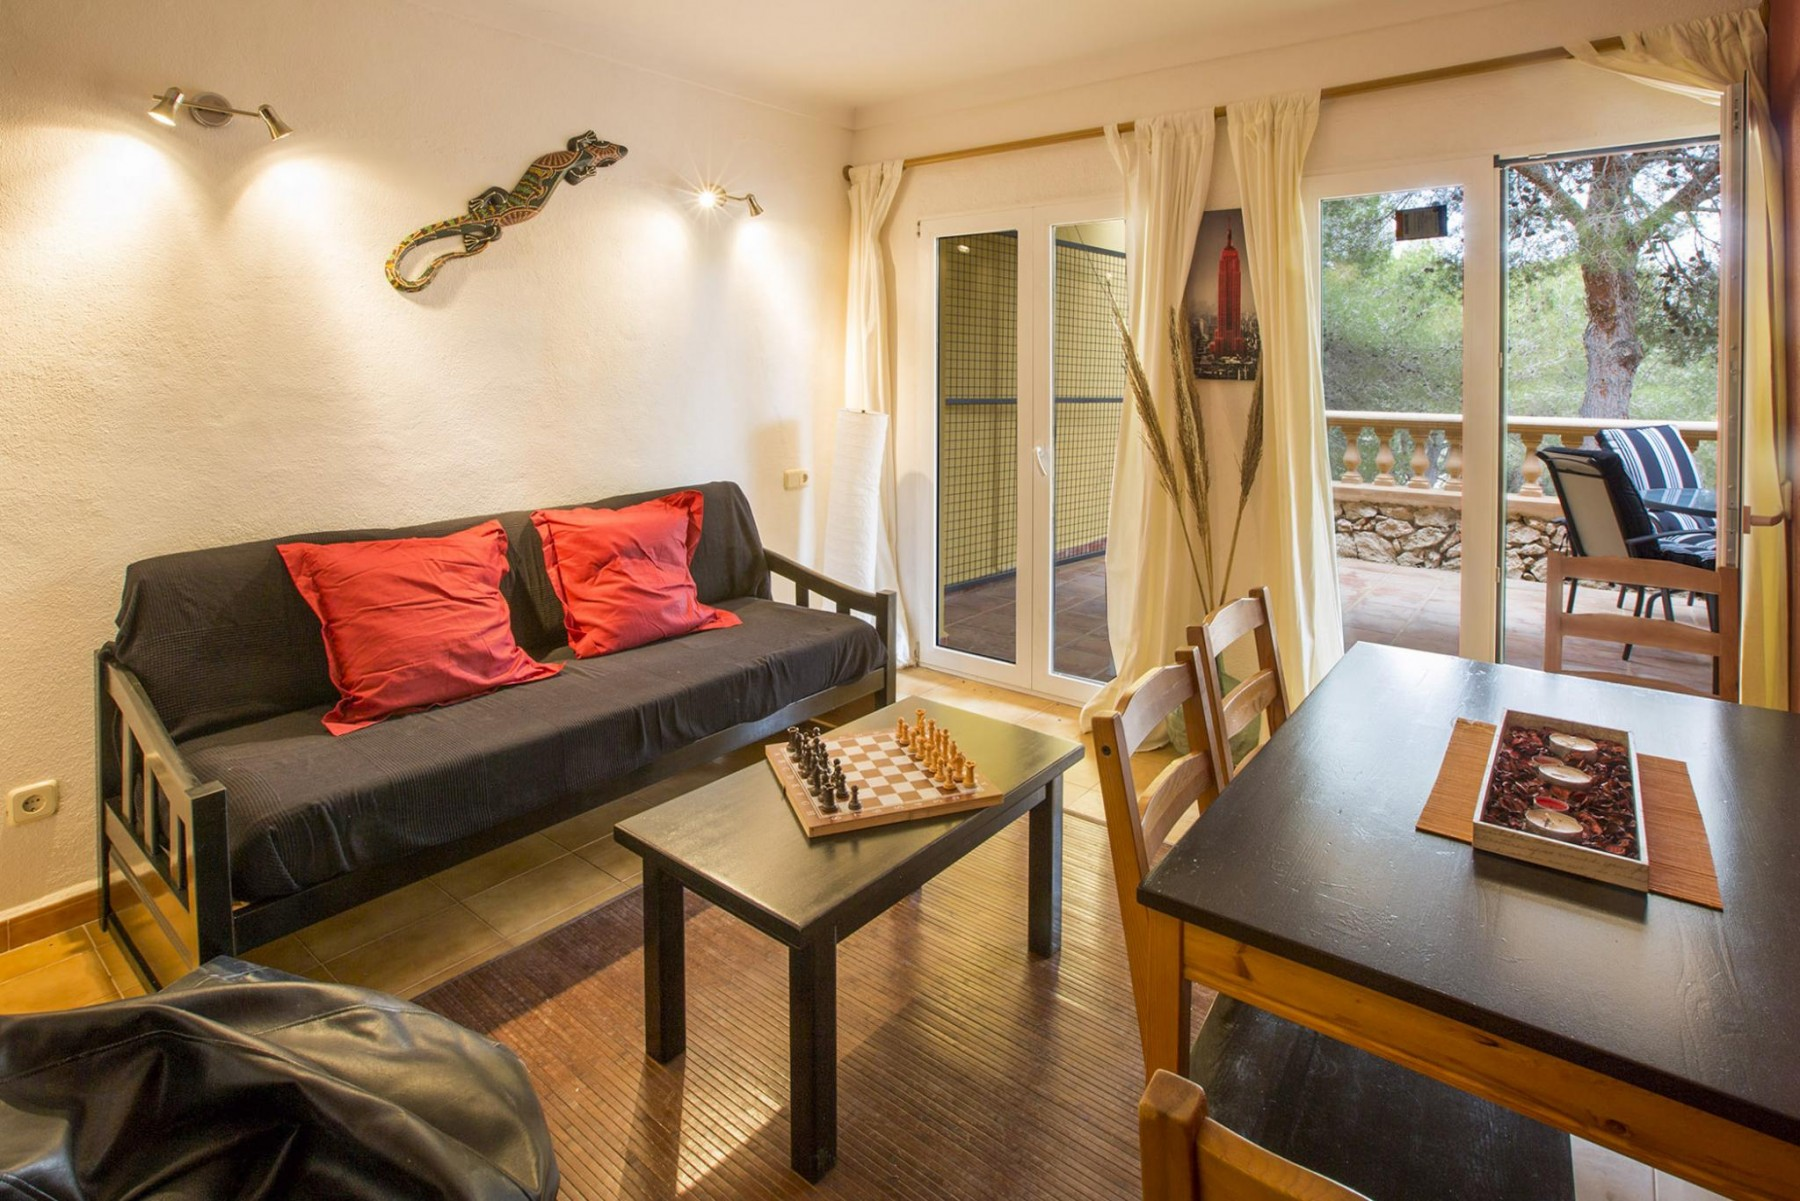 SÀLVIA 2 for 5 guests in Manacor, Spanien